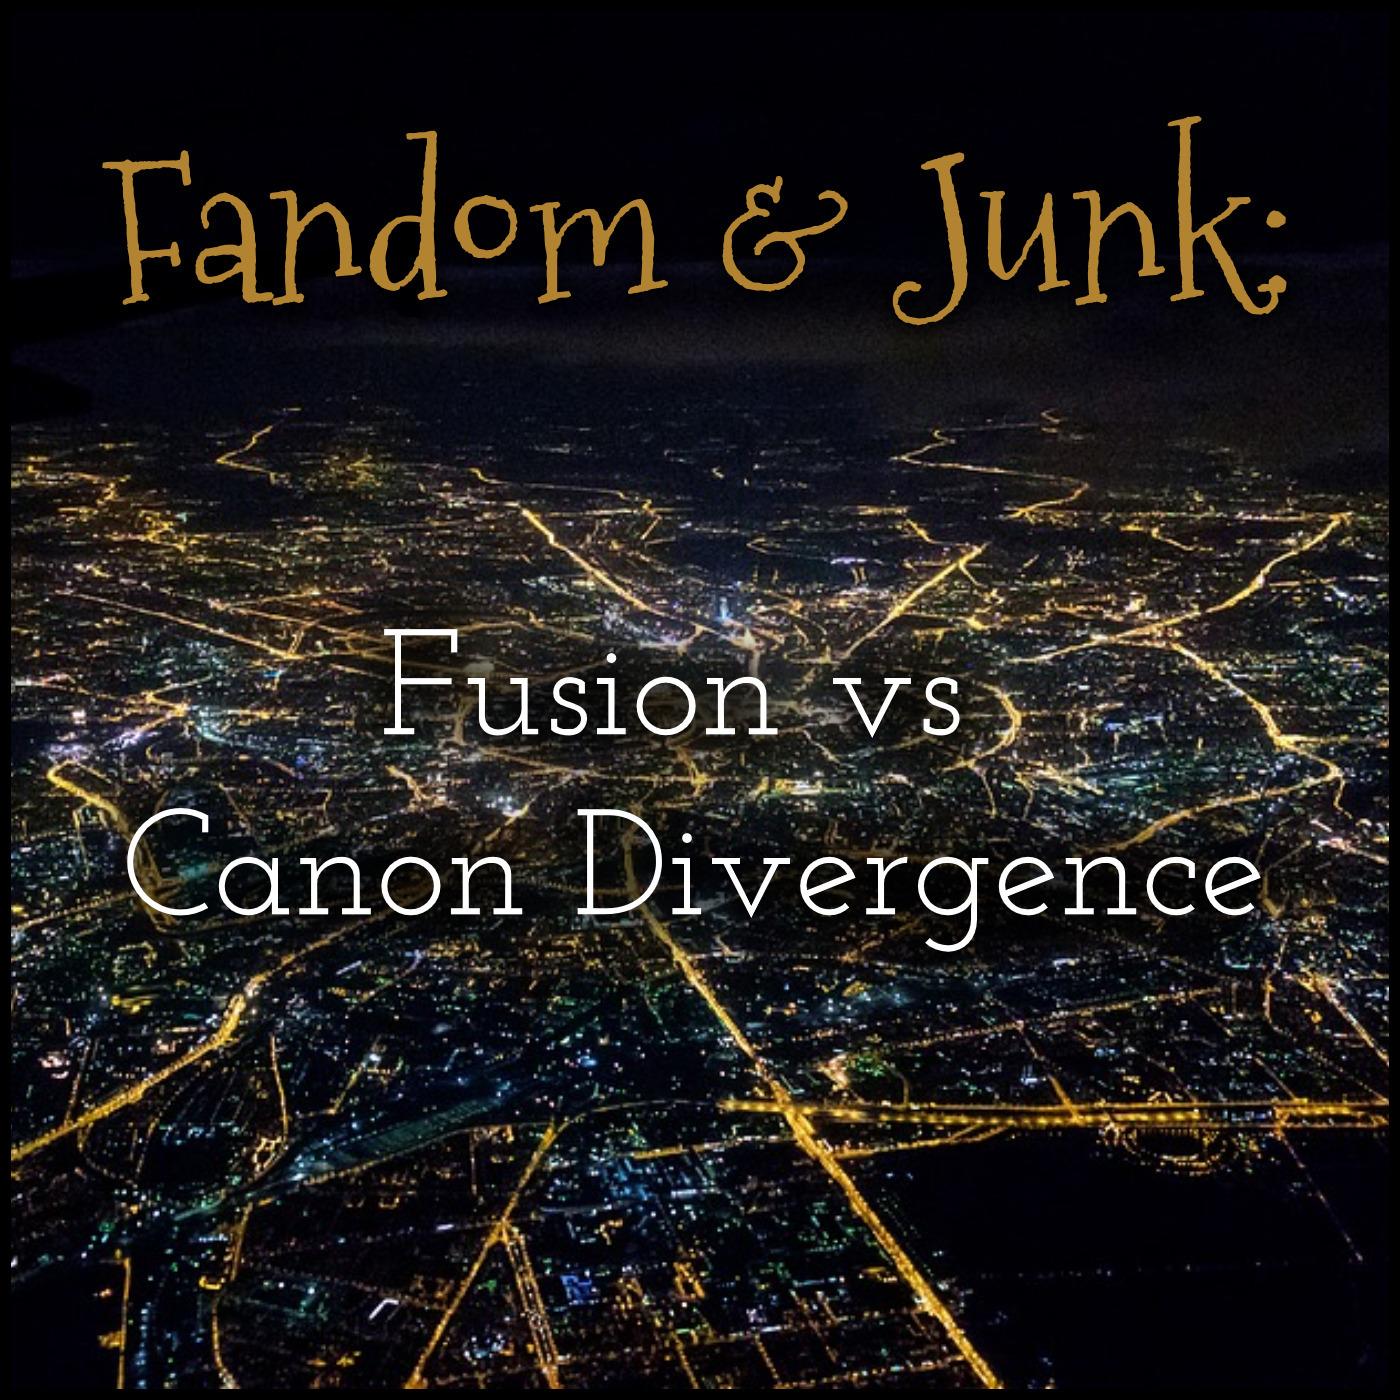 Frandom & Junk - Fusion Vs Canon Divergence